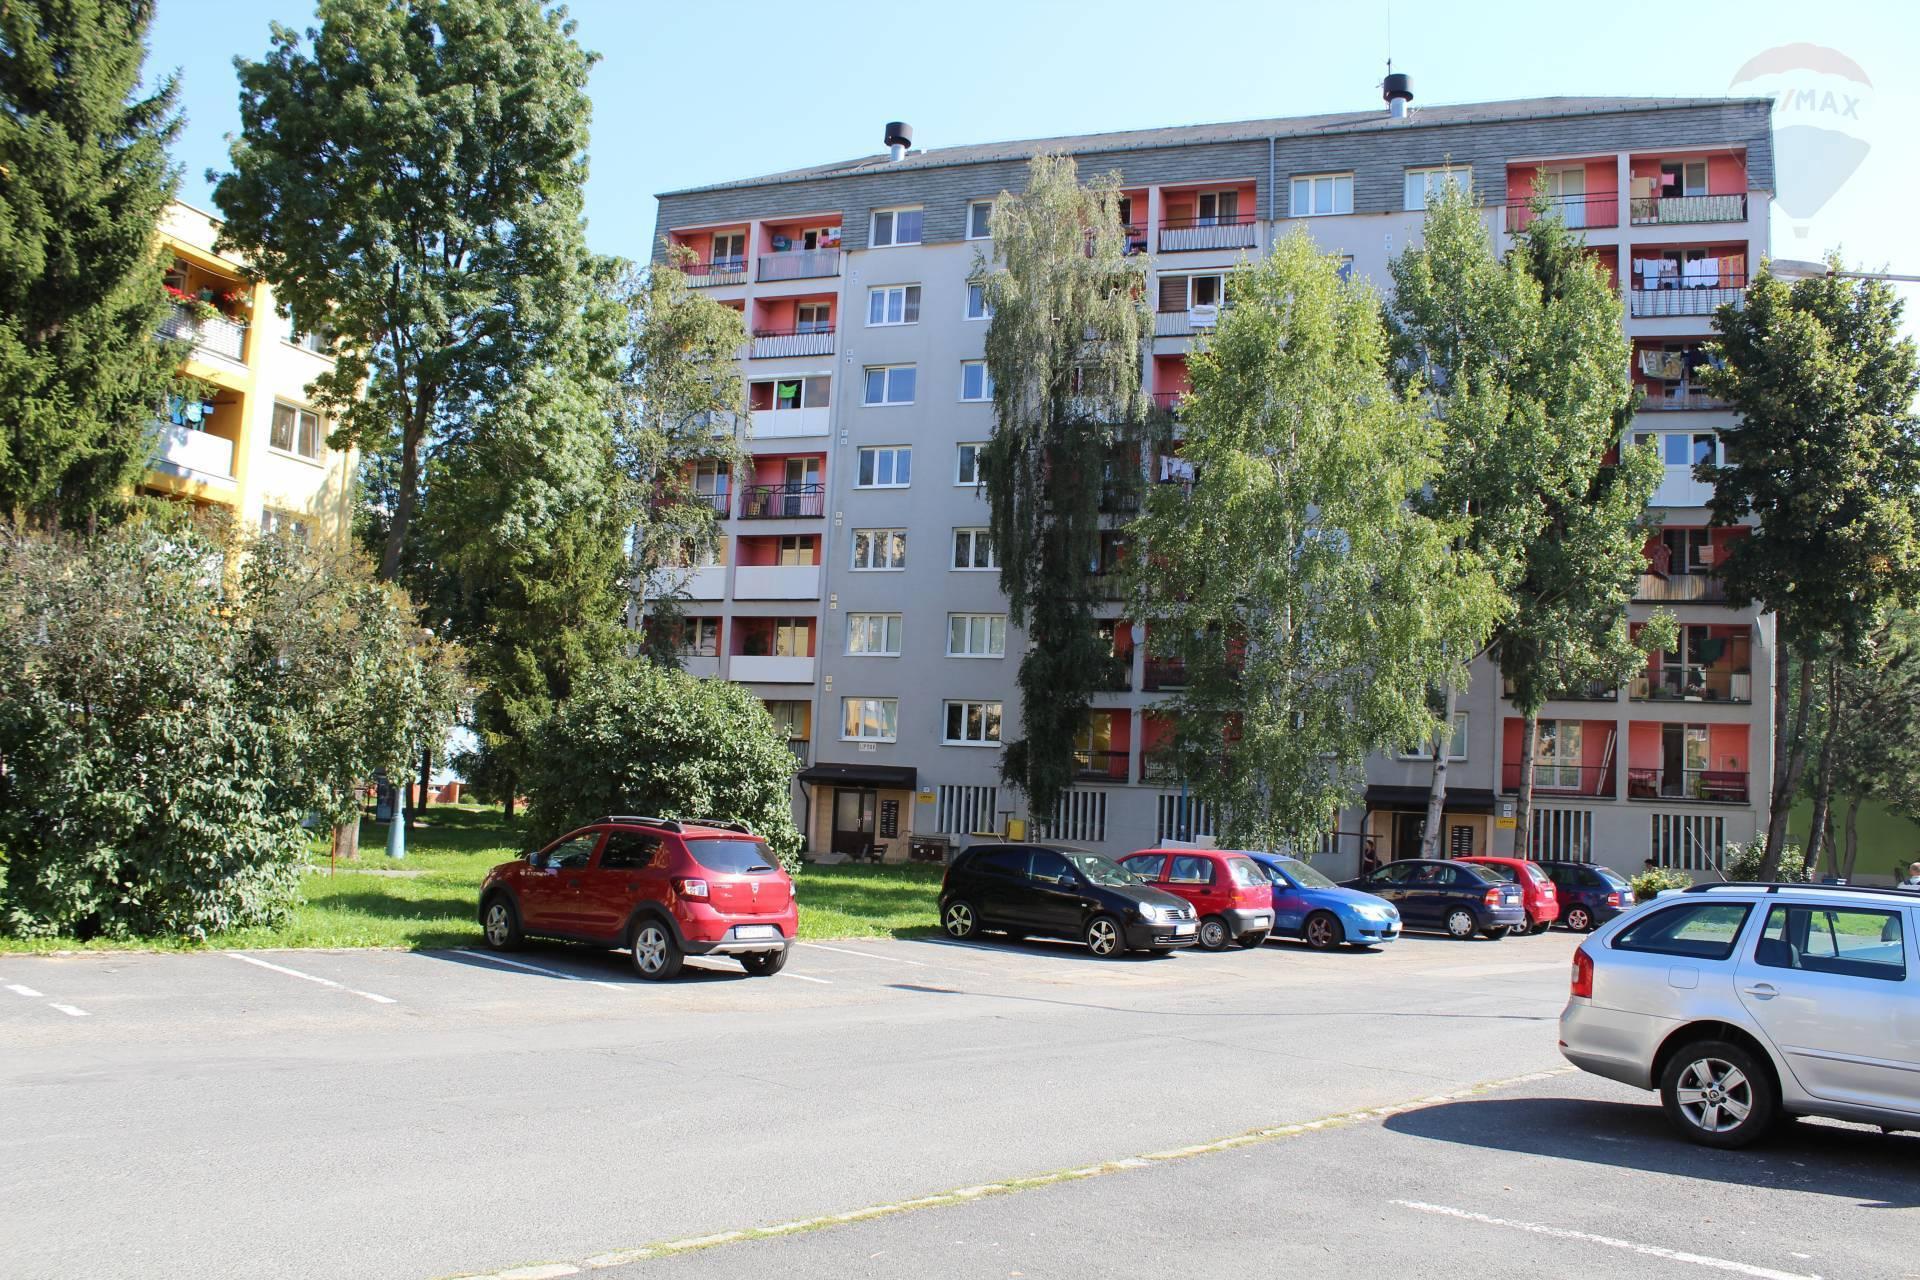 Prenájom, 2 izb. byt s lodžiou, ul Štúrova, Poprad, Západ